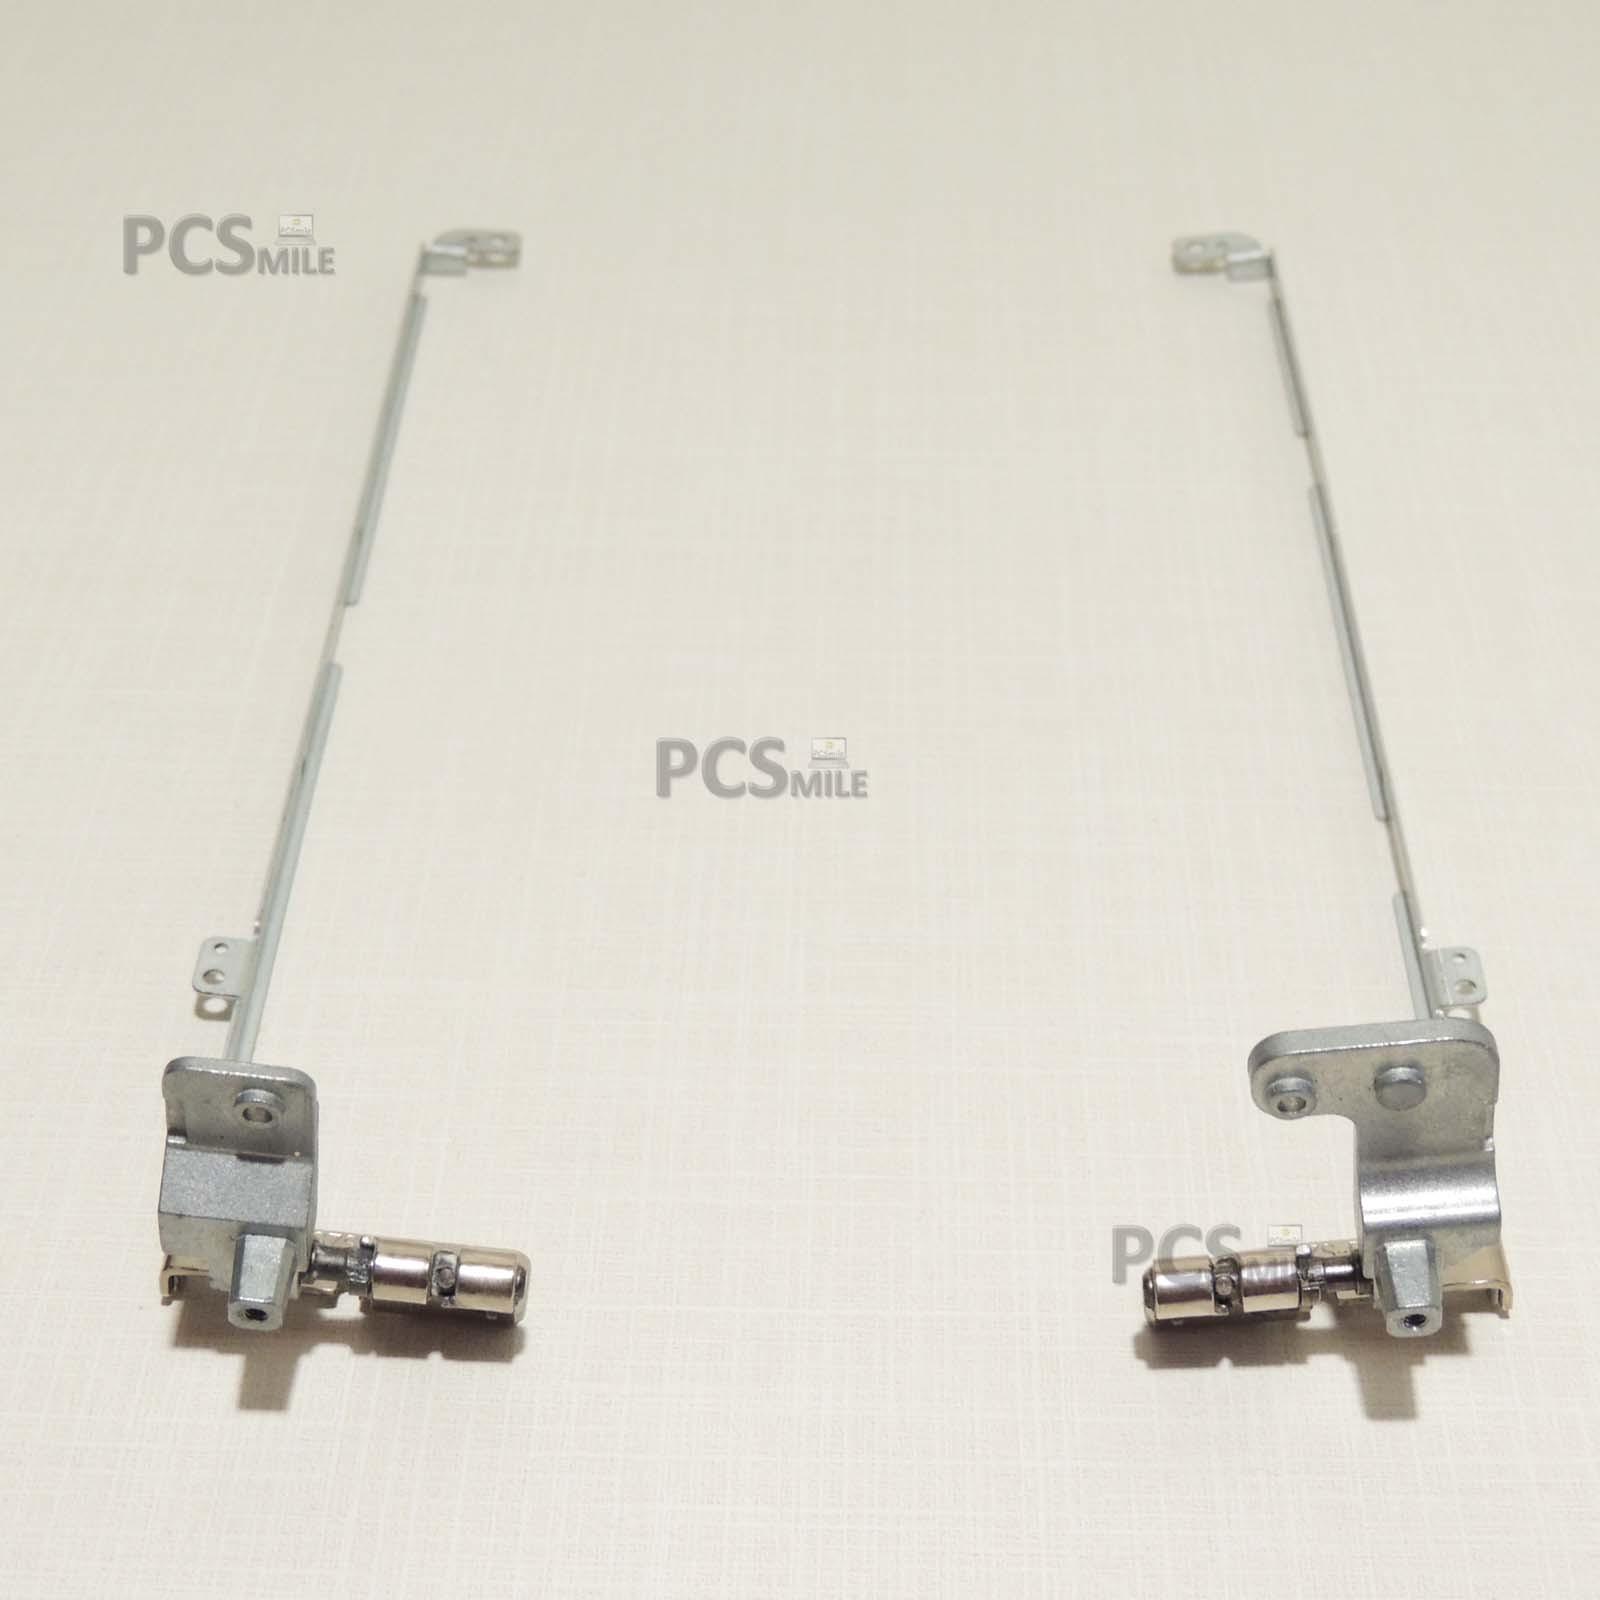 Cerniere originali Acer Aspire 5536/5236 34.4CG23.001 34.4K808.012 SZS-L SZS-R